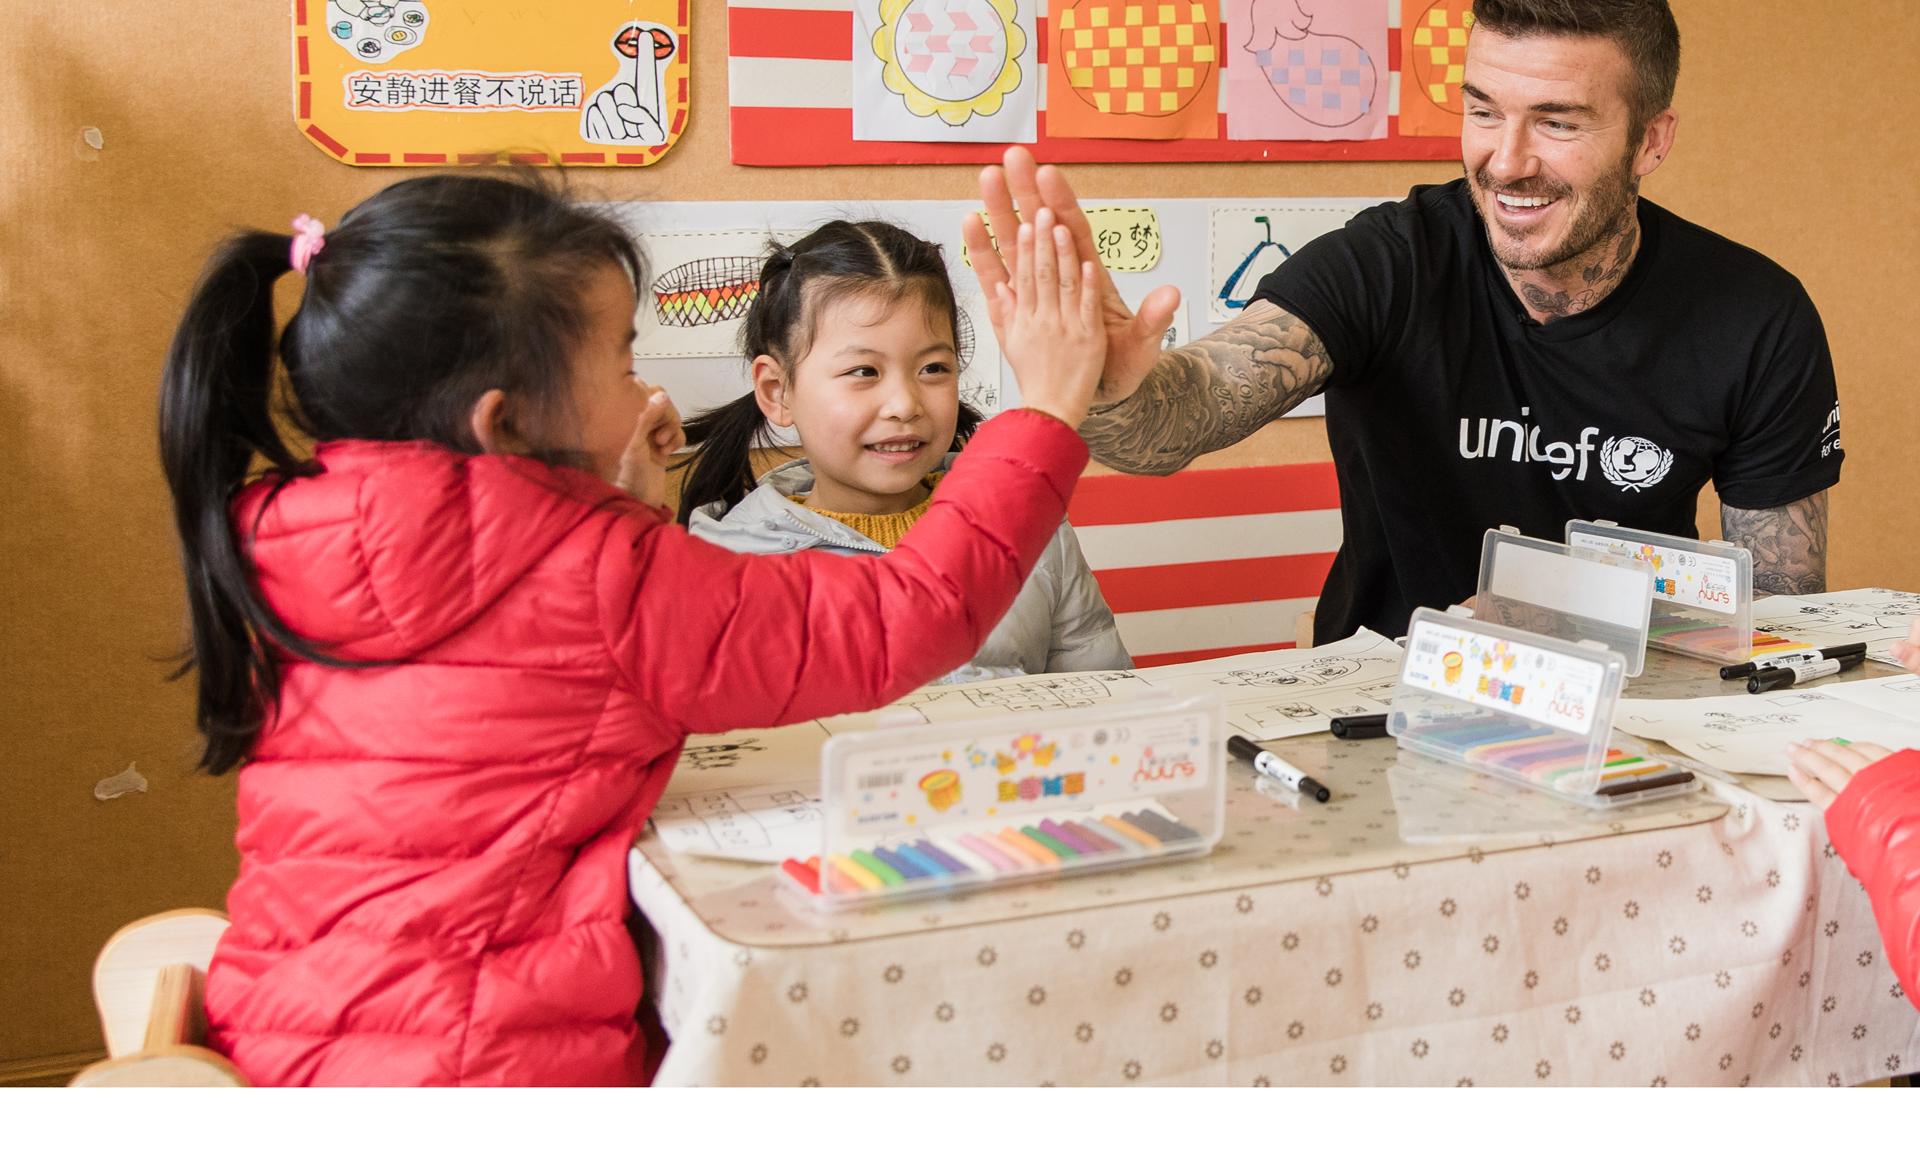 联合国儿童基金会亲善大使大卫·贝克汉姆探访上海幼儿园的孩子们